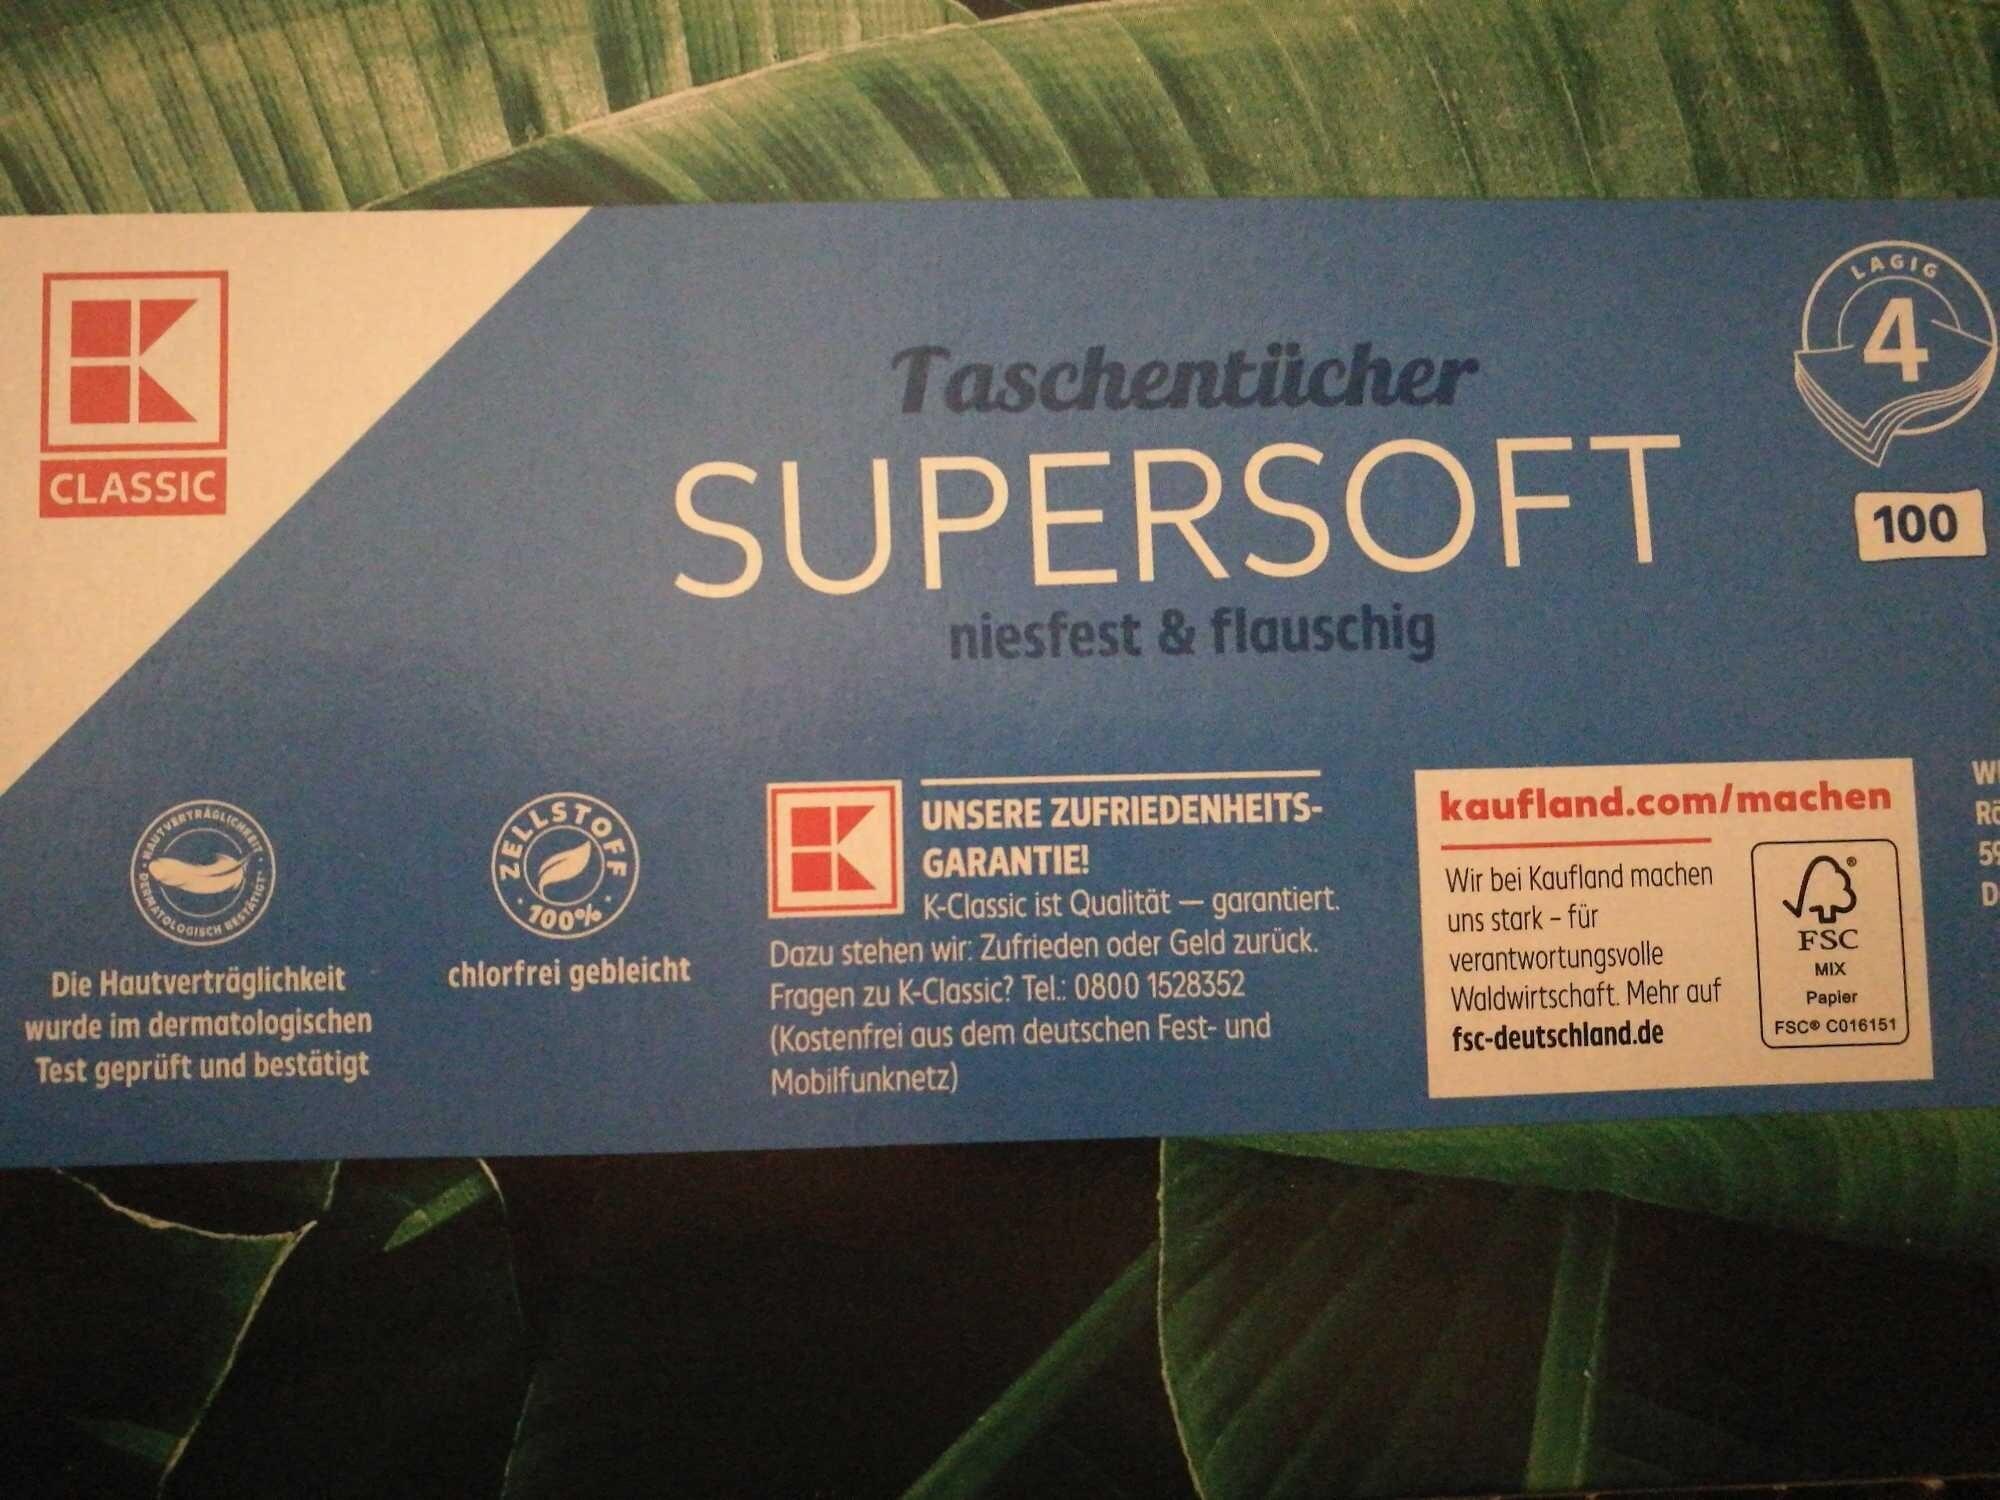 Supersoft Taschentücher - Product - de